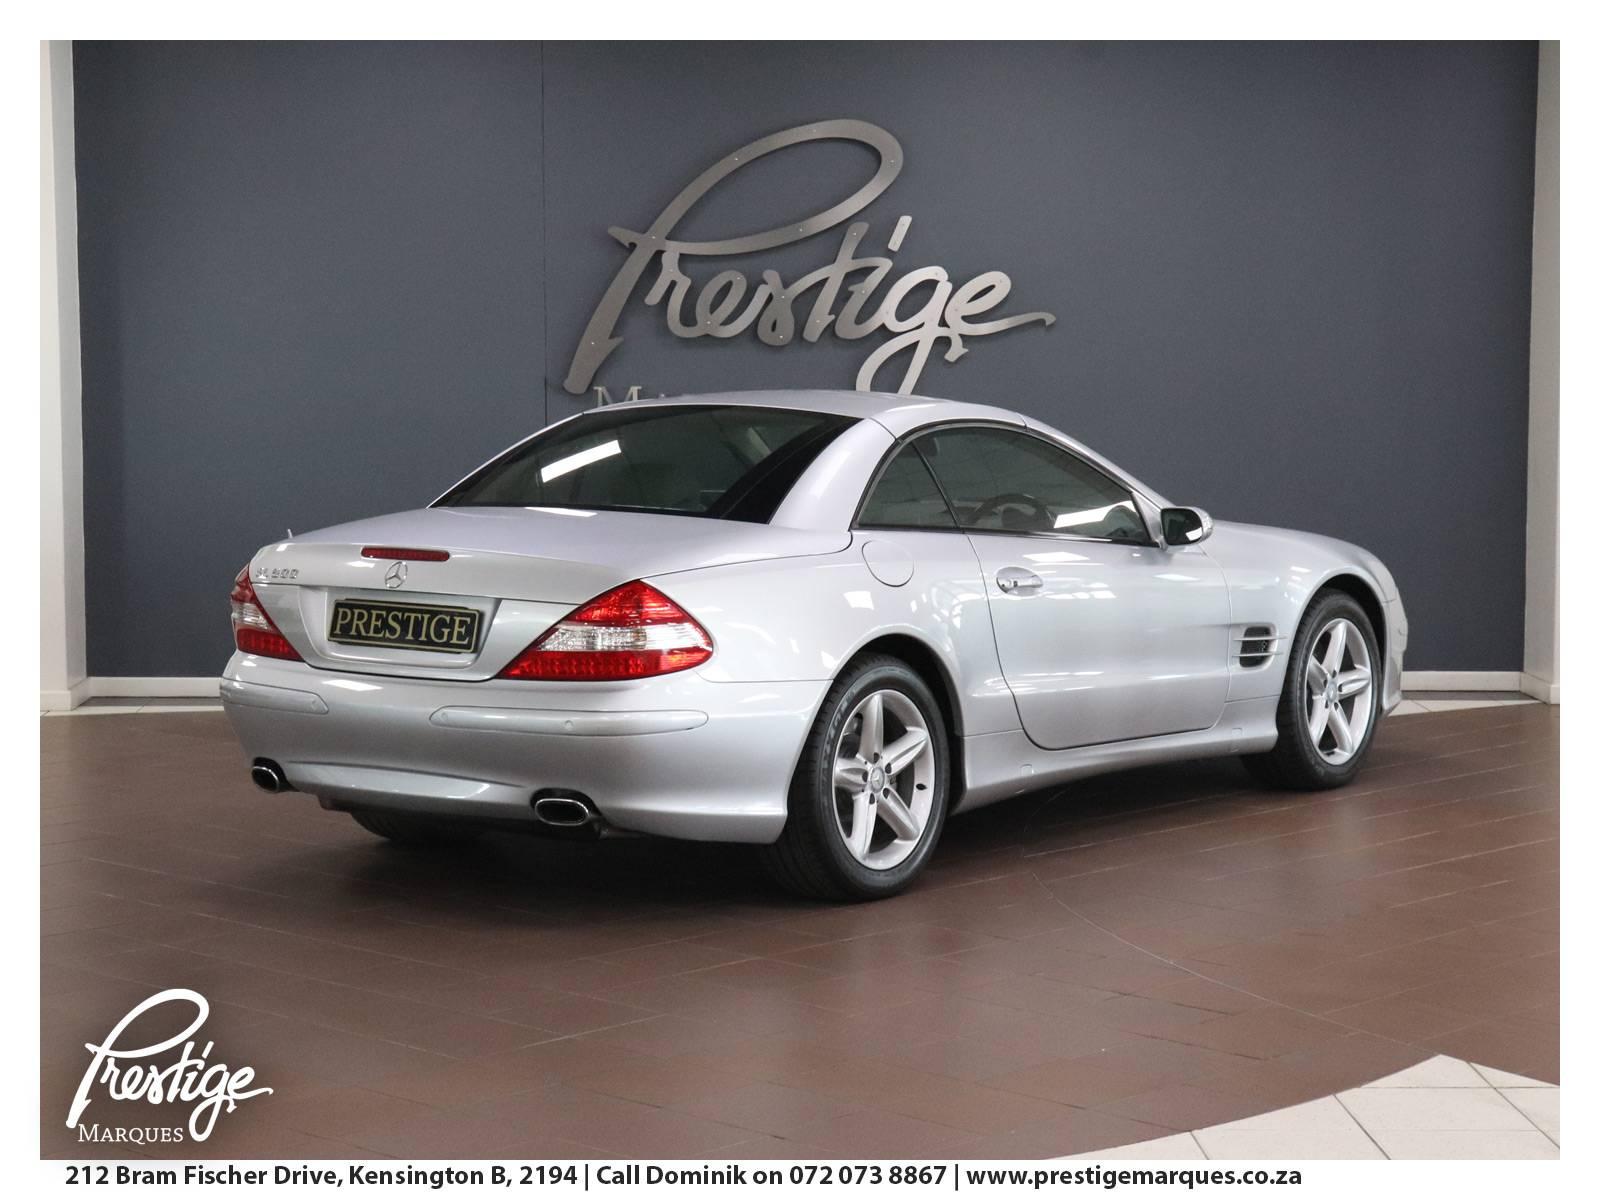 2007-Mercedes-benz-sl500-203-facelift-Prestige-Marques-Randburg-Sandton-5